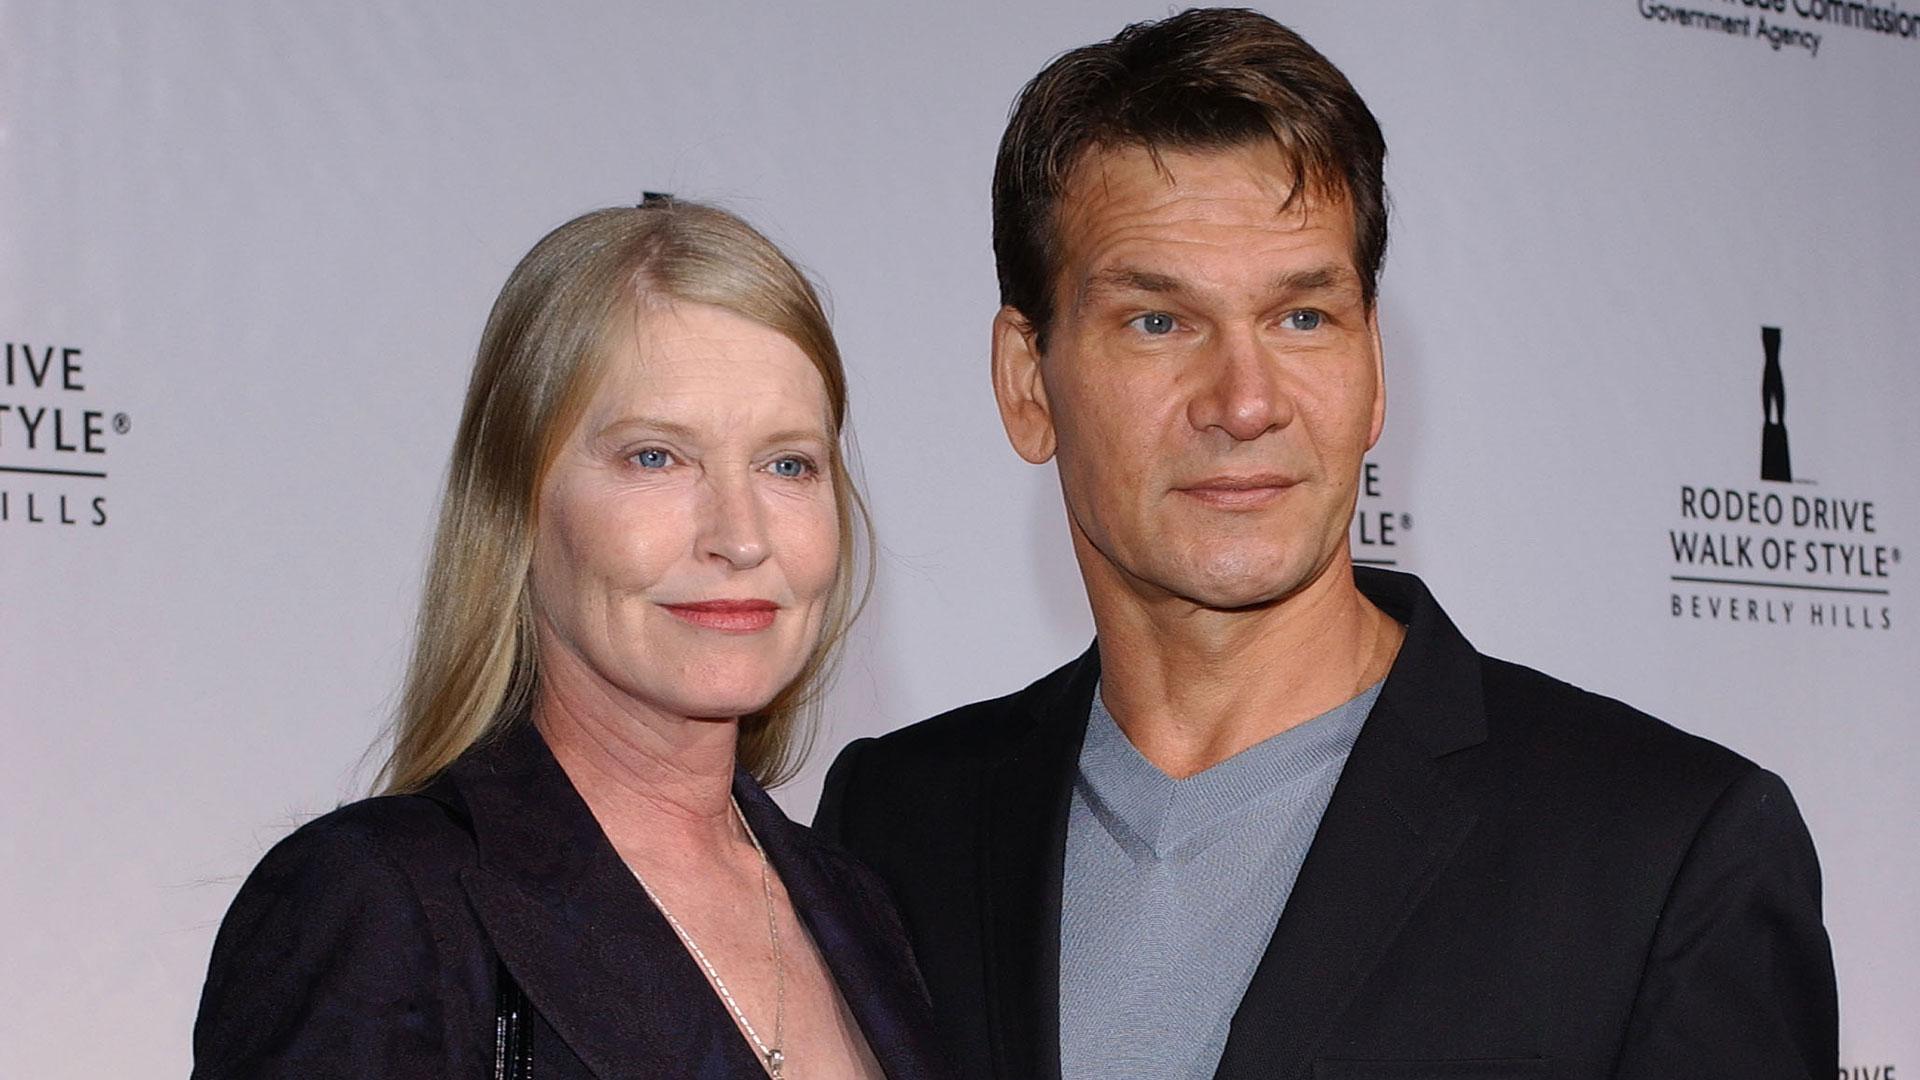 Lisa Niemi y Patrick Swayze estuvieron casados más de 34 años (Grosby Group)